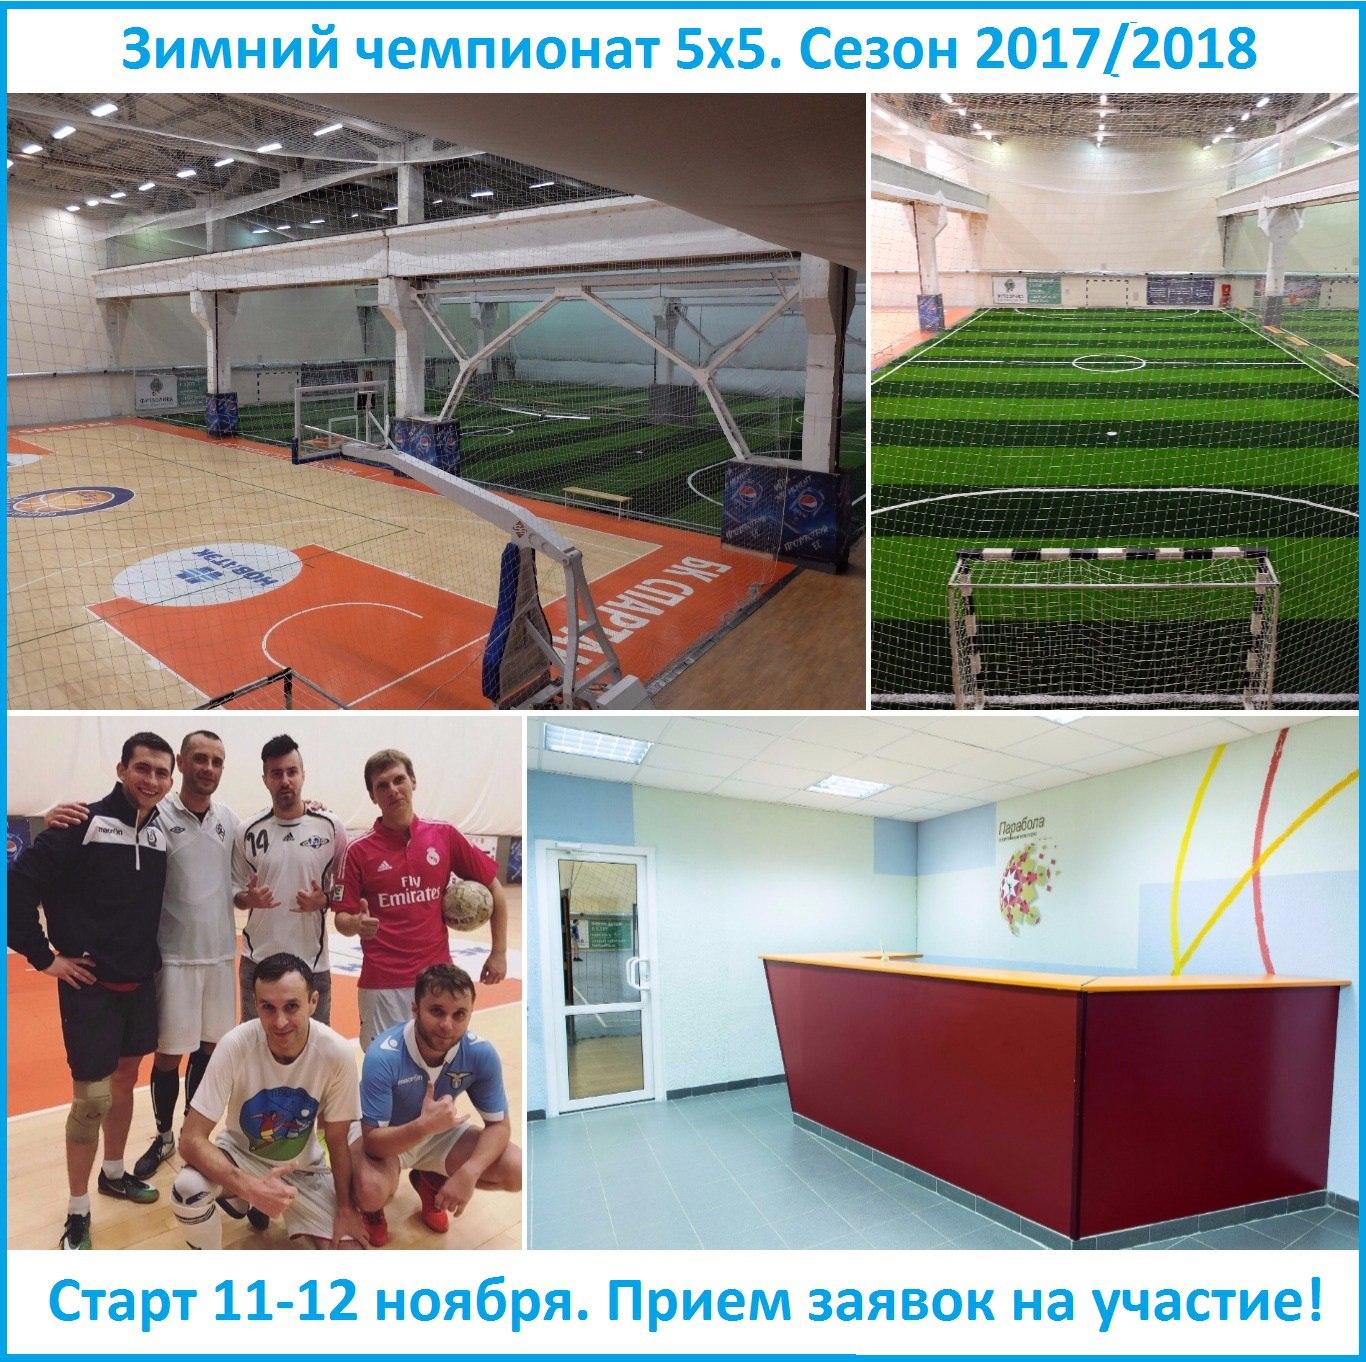 Анонс зимнего сезона 2017/2018